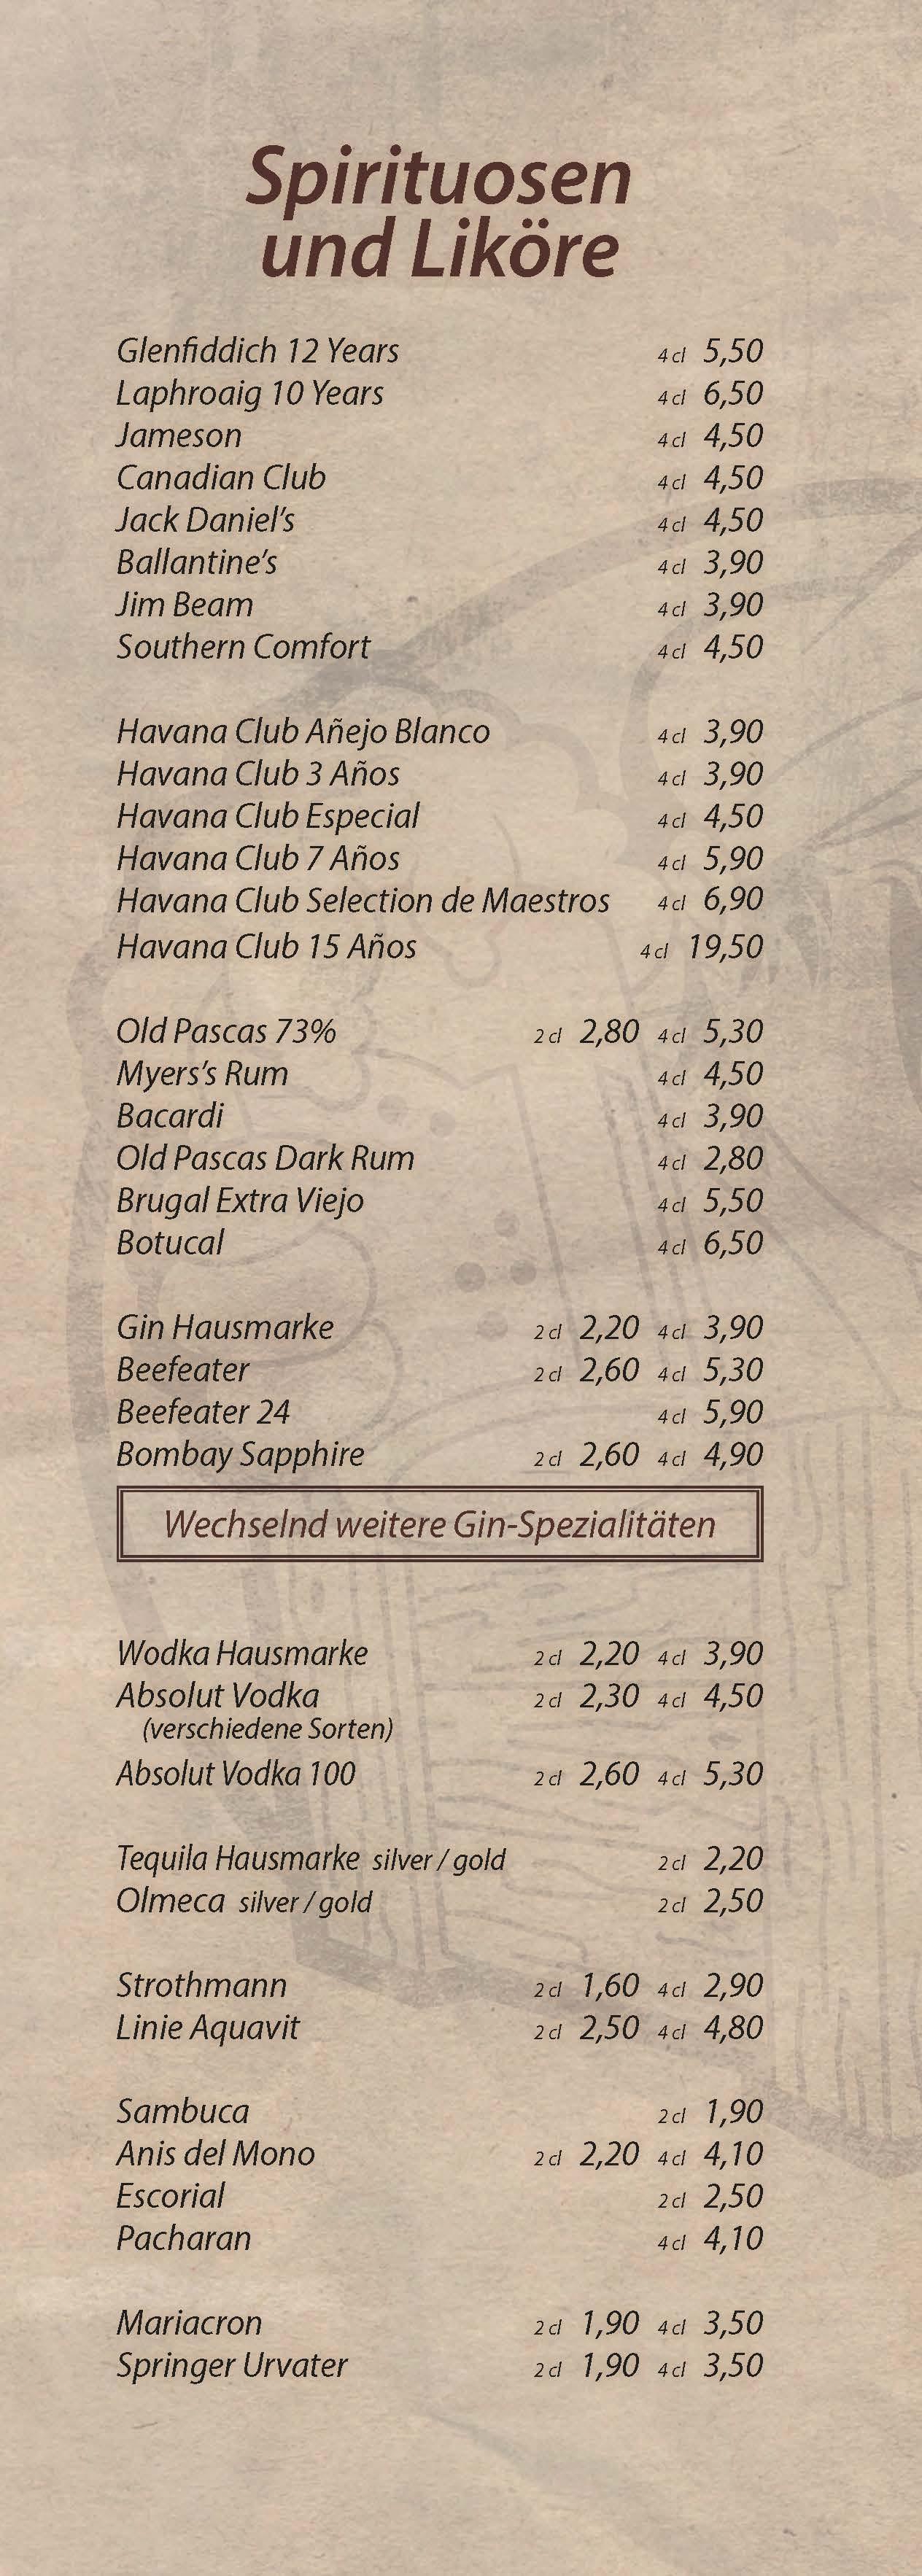 Spirituosen und Liköre - Cocktailbar Die Kiste in Cuxhaven